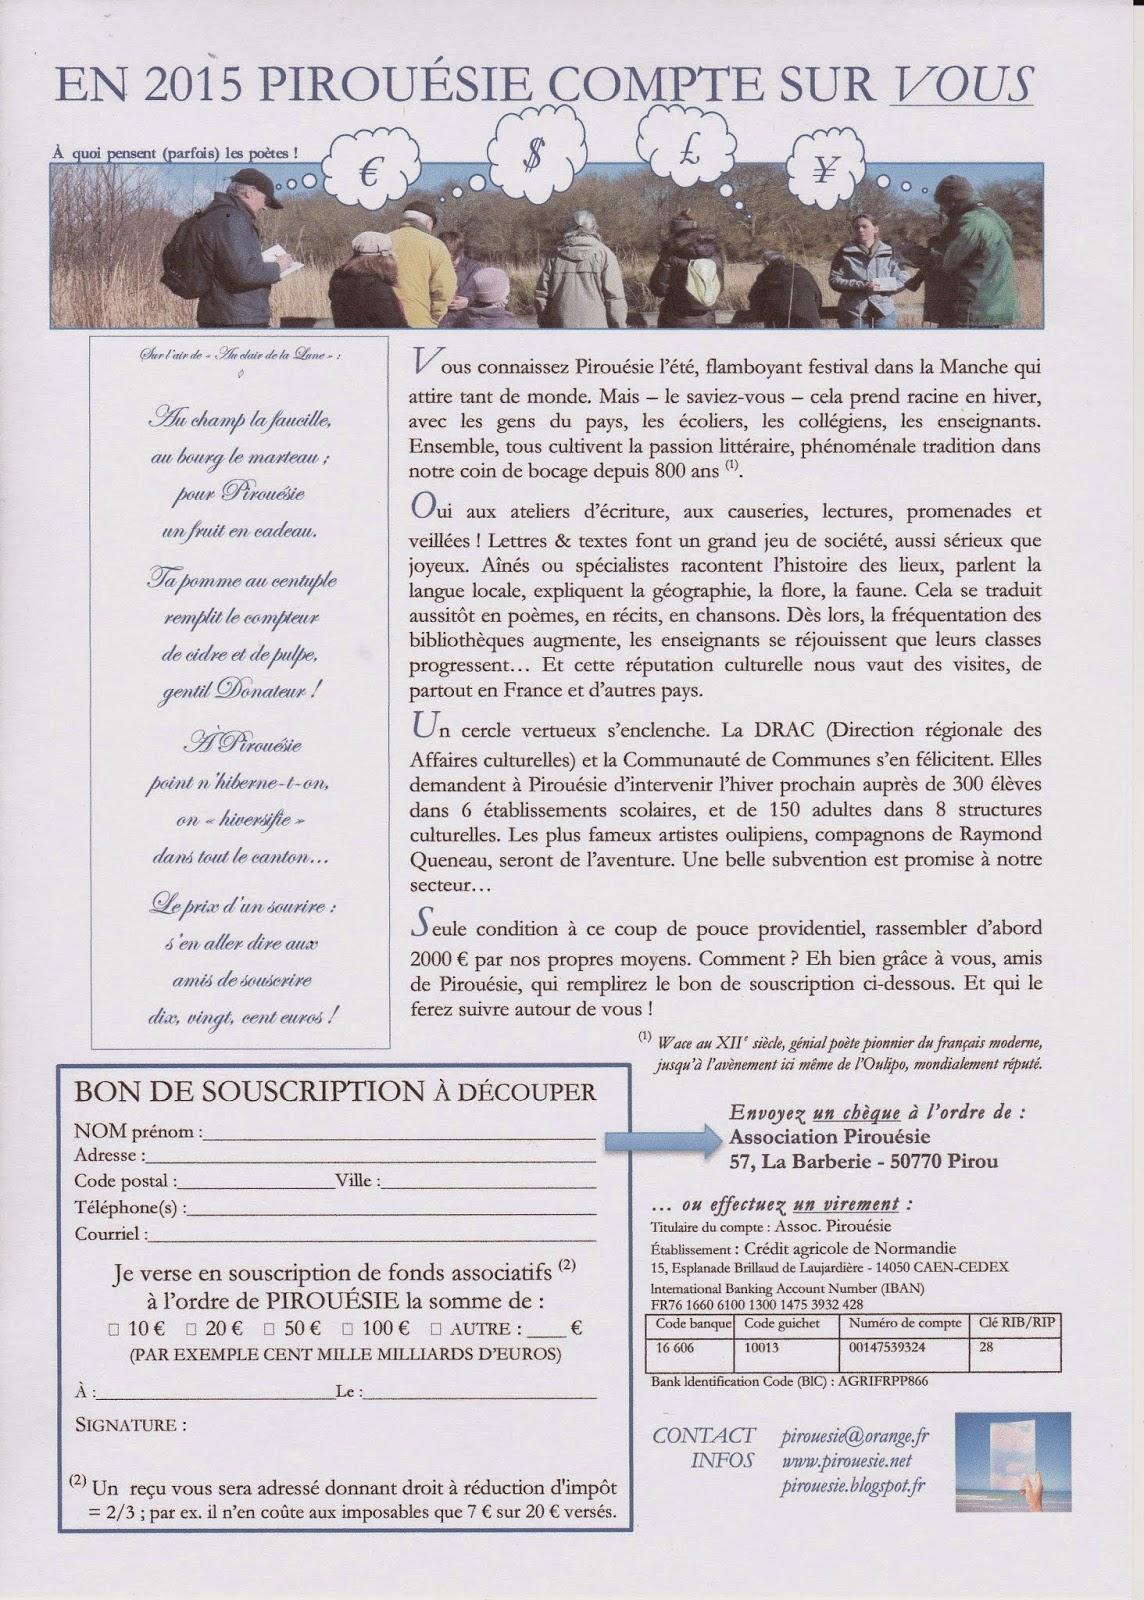 L'appel à souscription en pdf